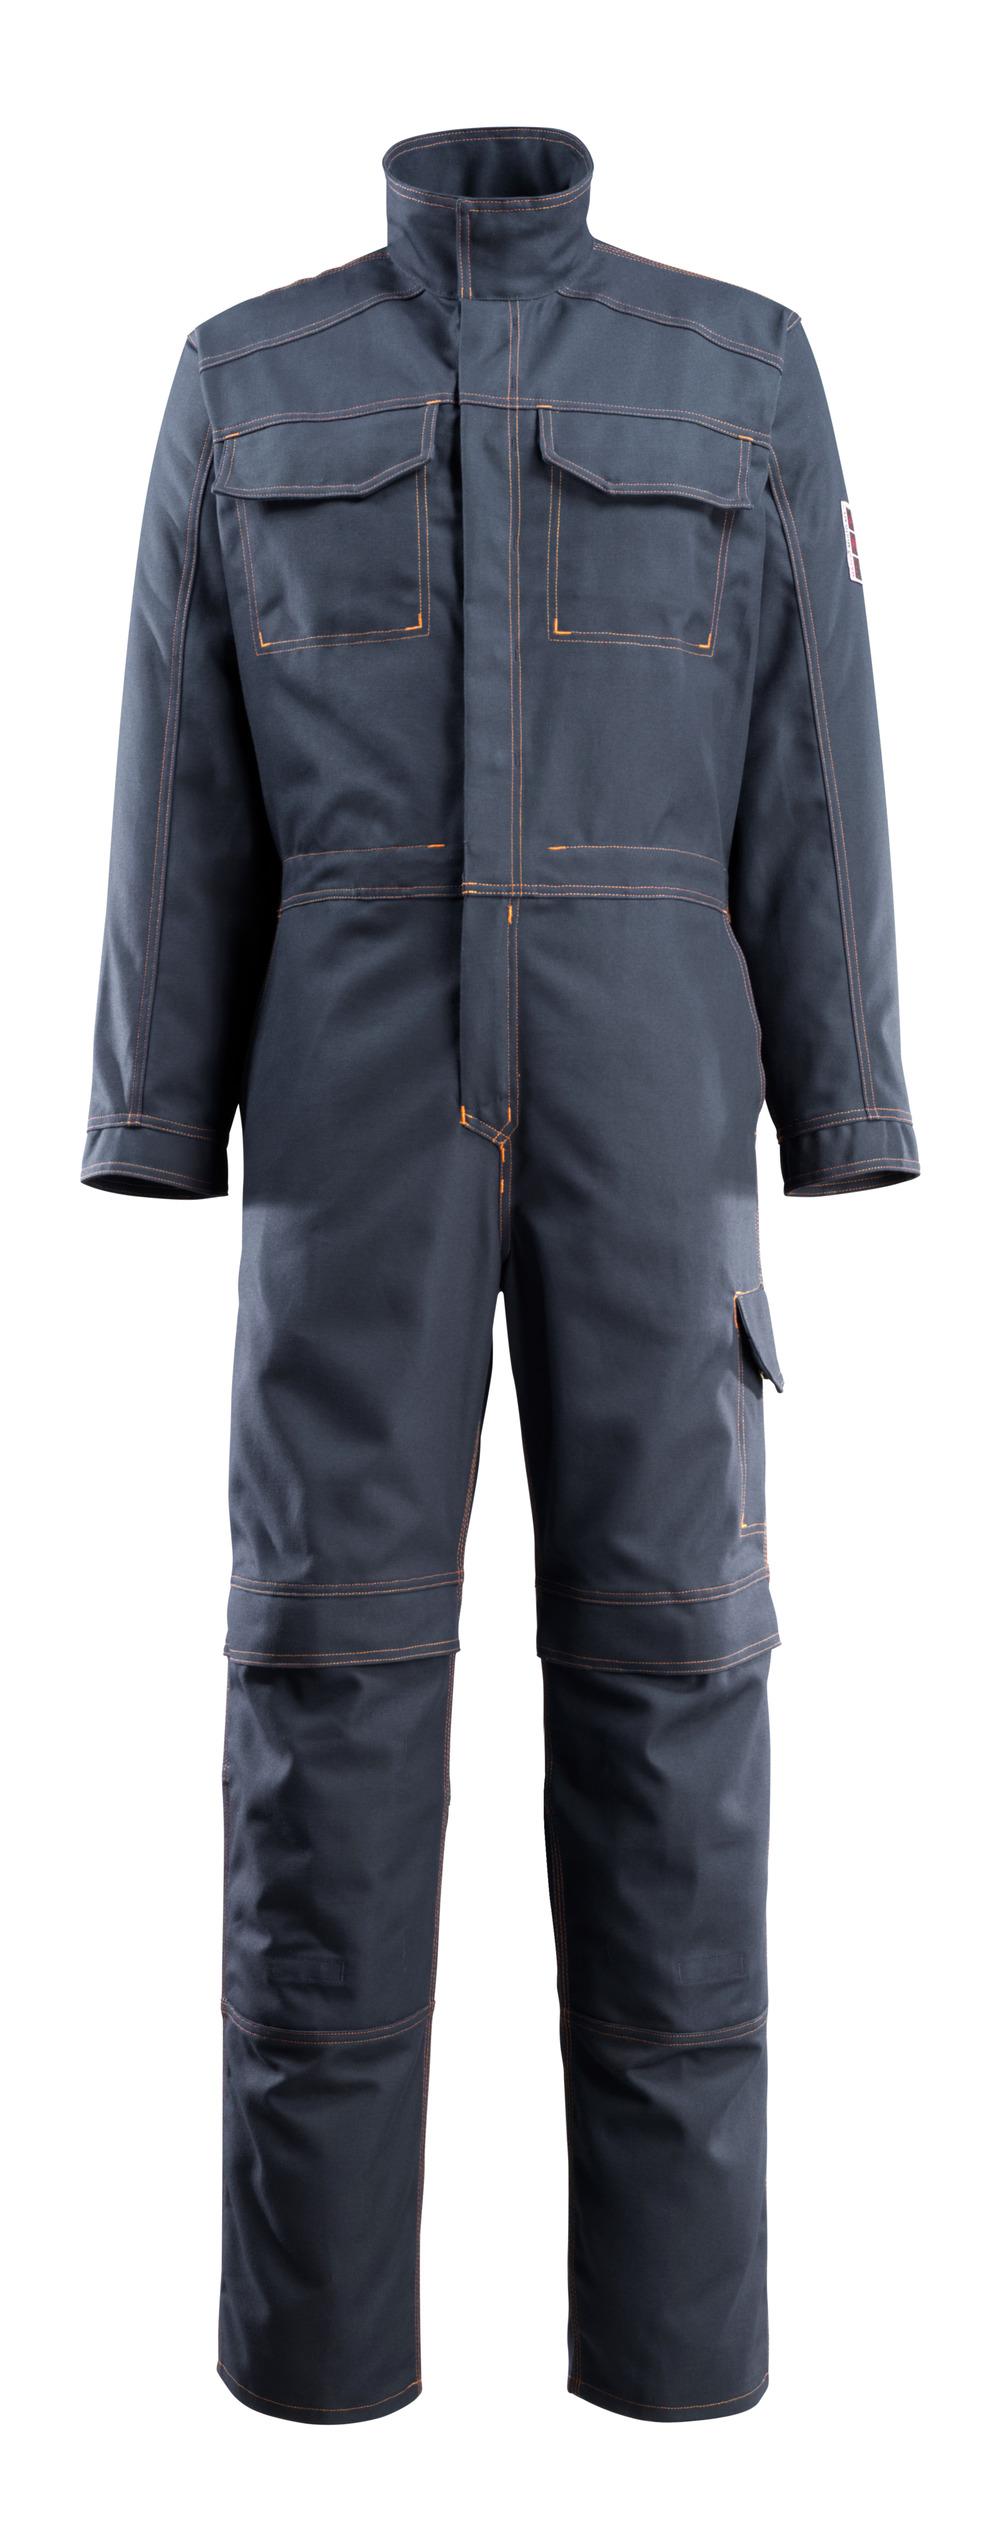 06619-135-010 Boilersuit with kneepad pockets - dark navy